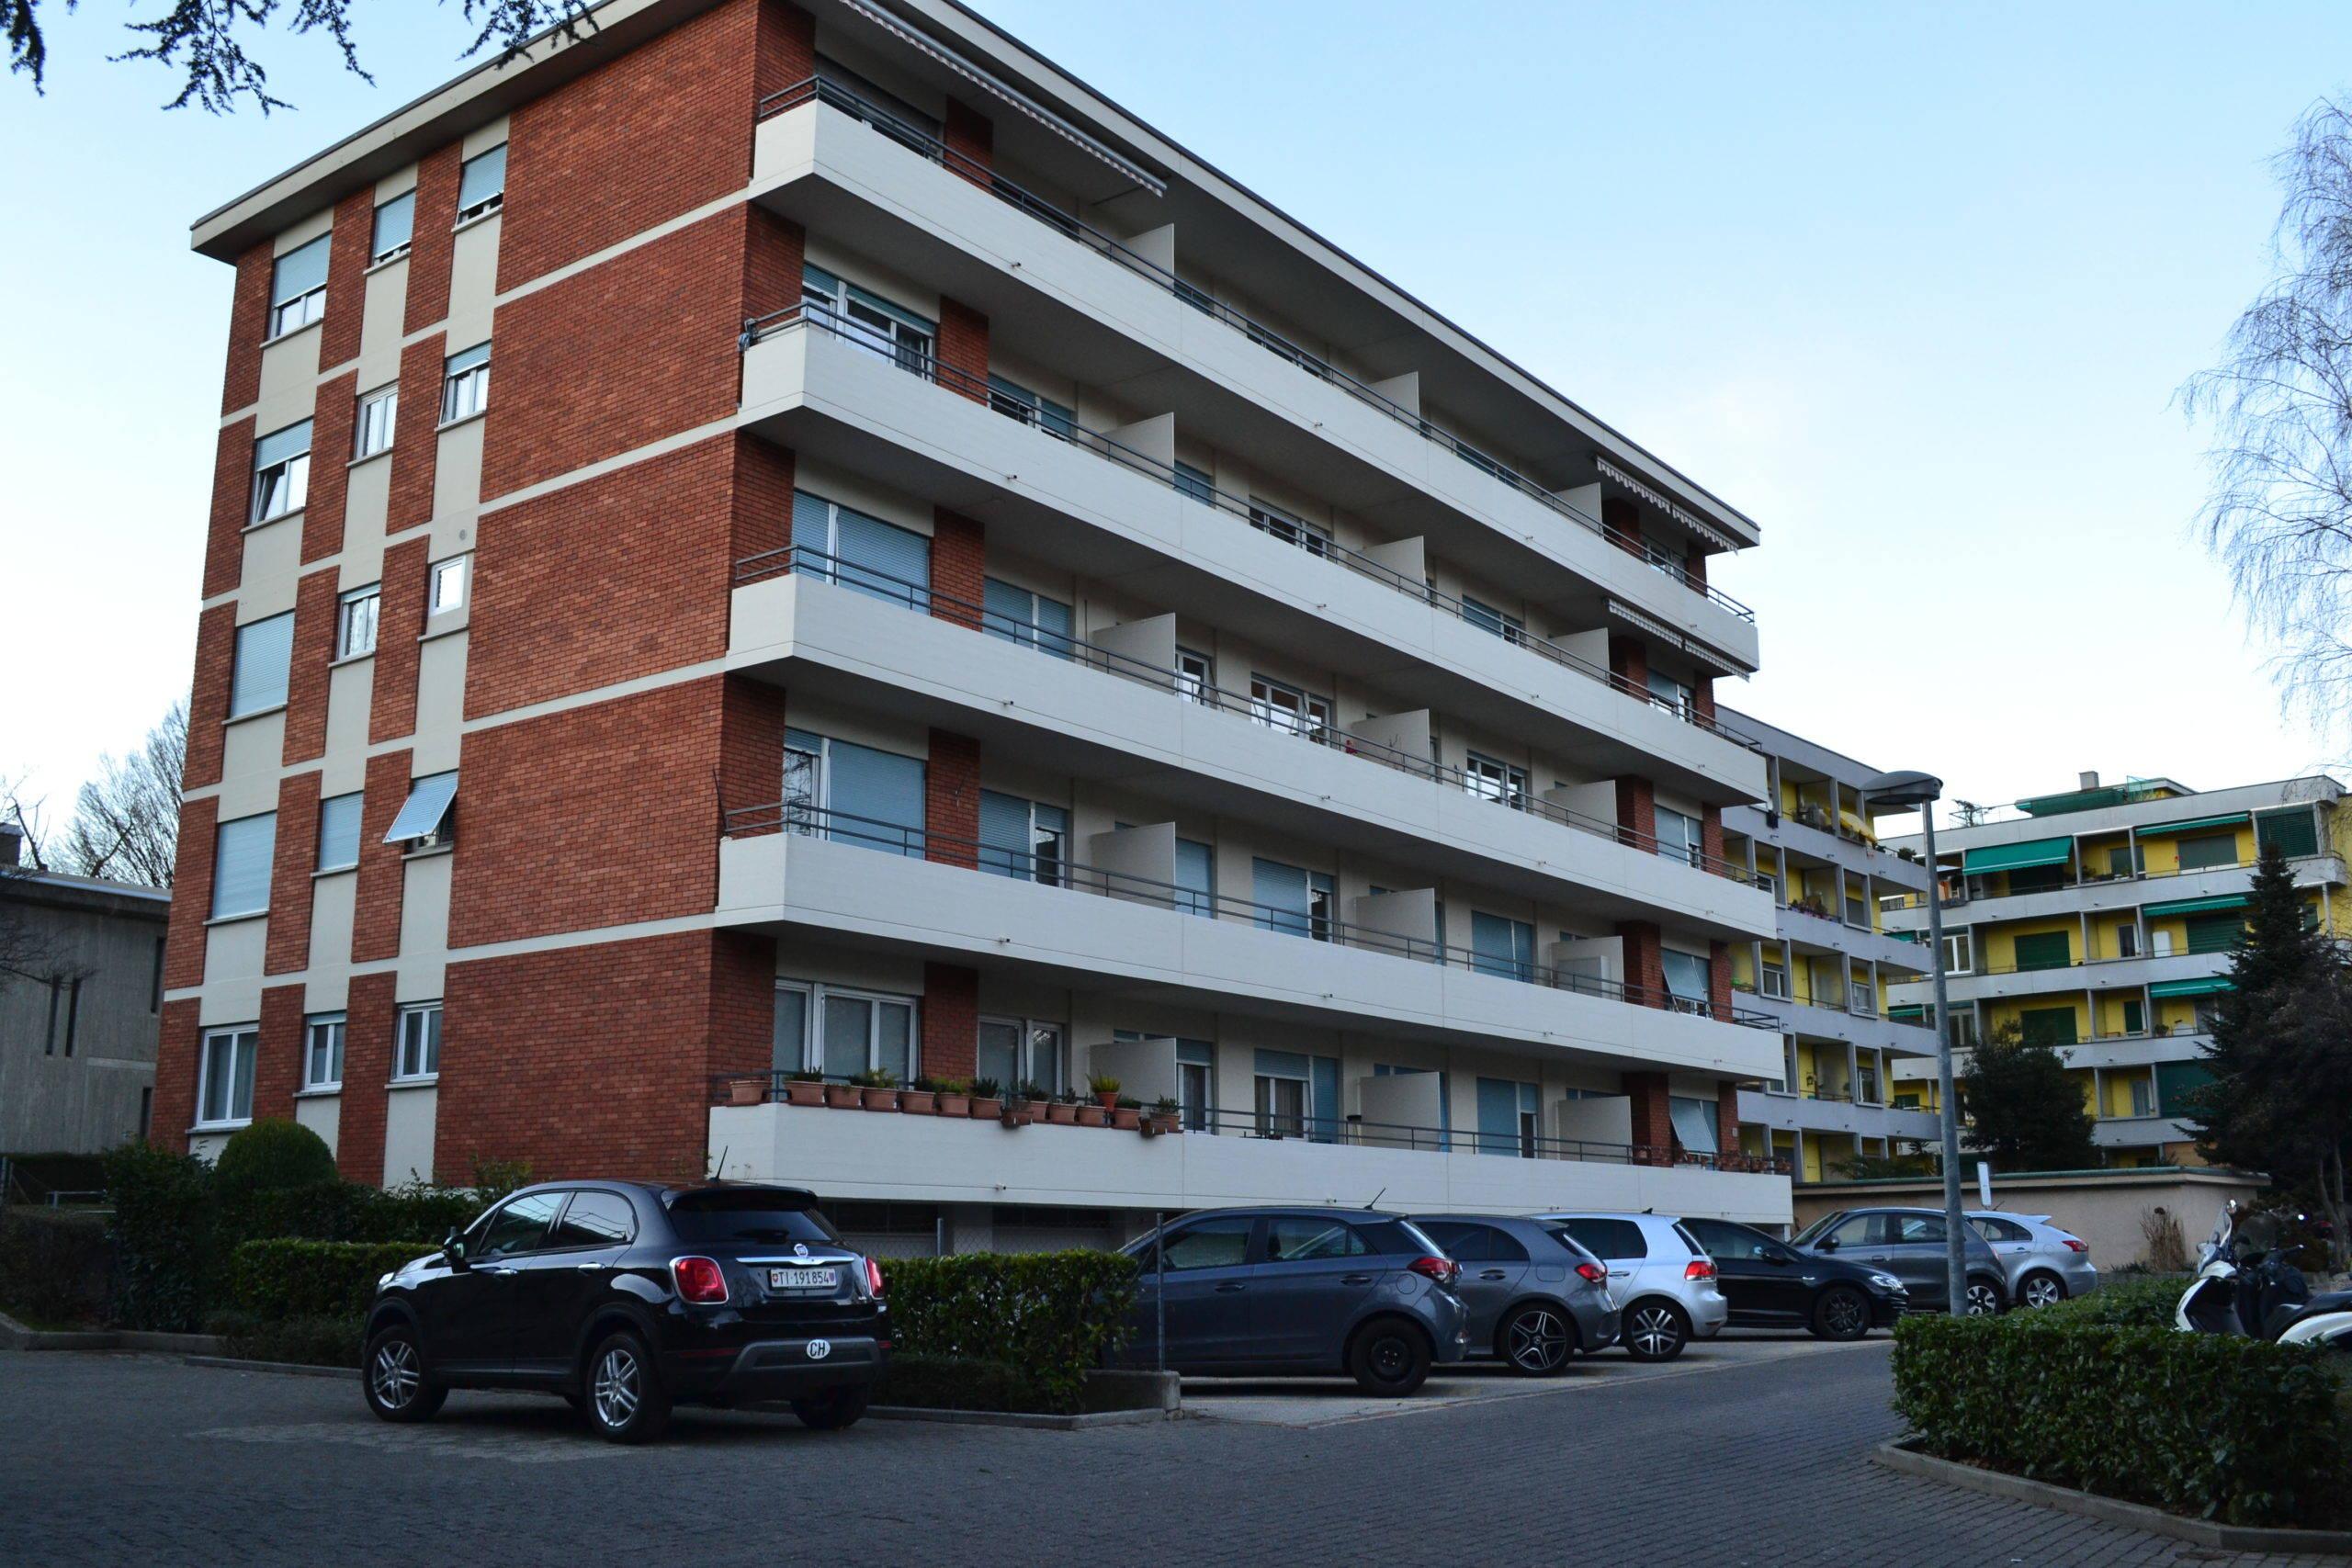 Lugano – Vendiamo 4,5 Locali Completamente Rinnovato, in Zona Tranquilla e Soleggiata.